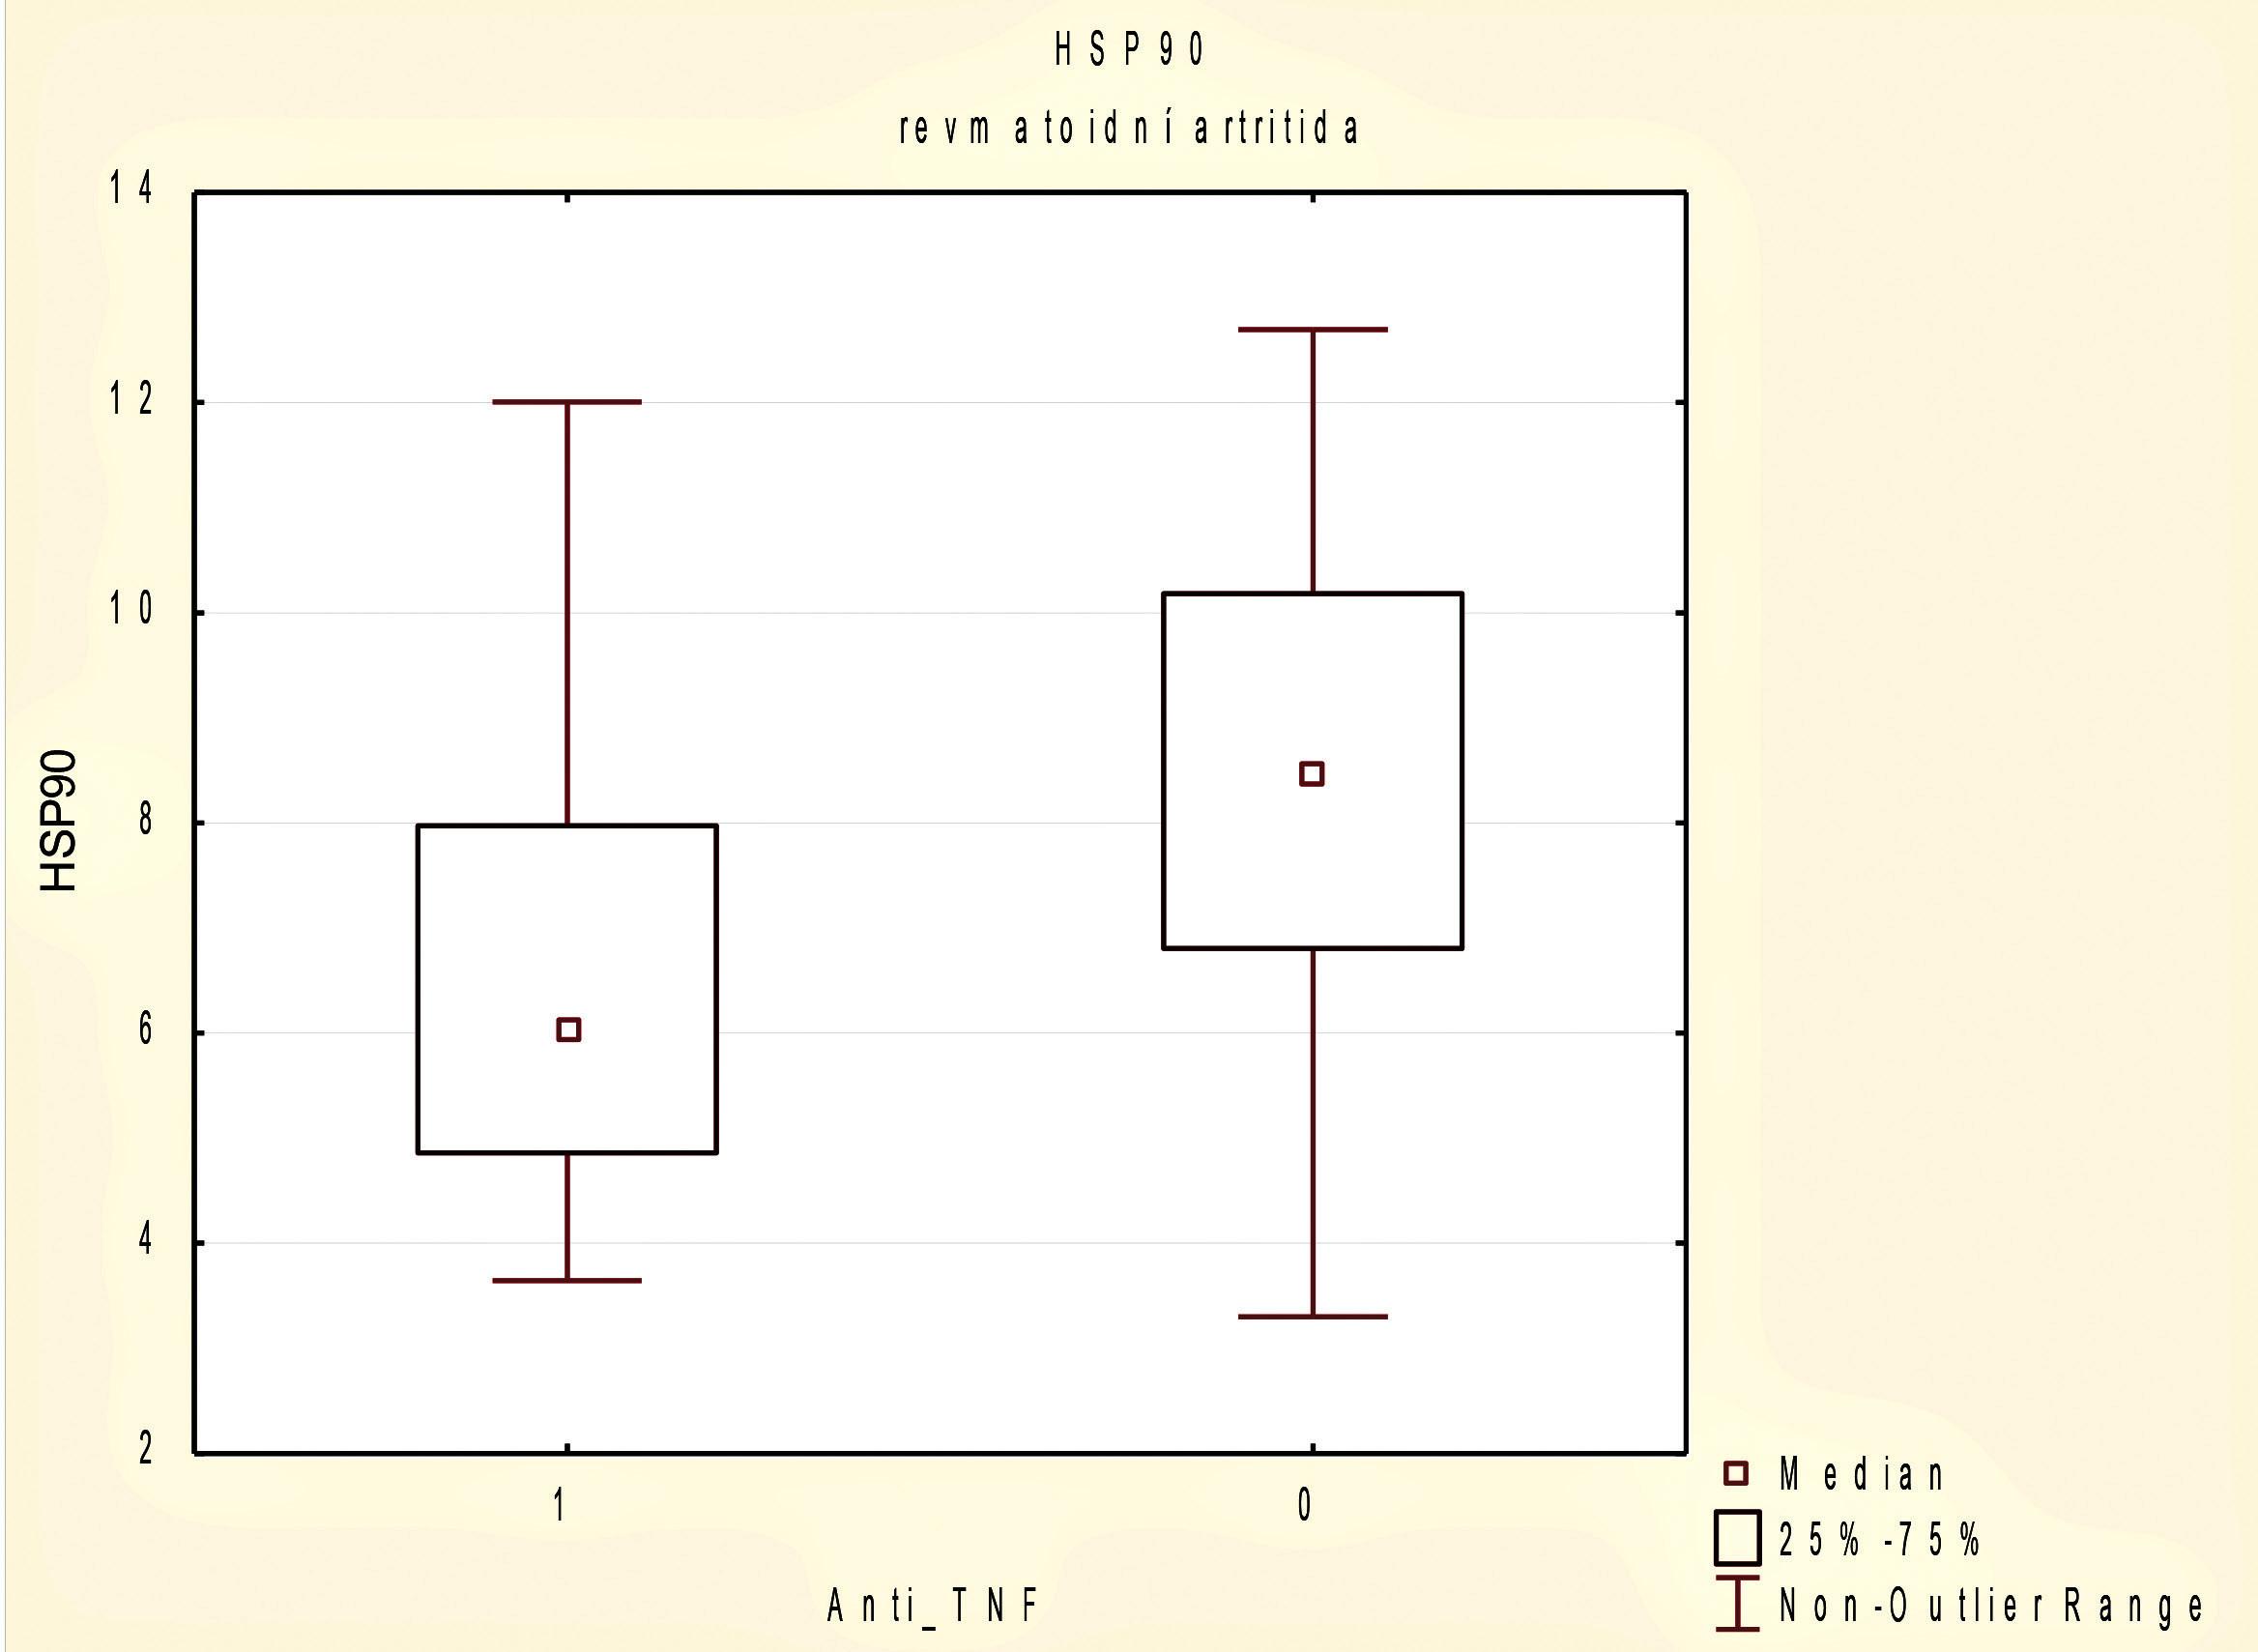 Sérové koncentrace HSP90 u pacientů s revmatoidní artritidou (RA) podle užívání biologické terapie anti-TNF p 0,05